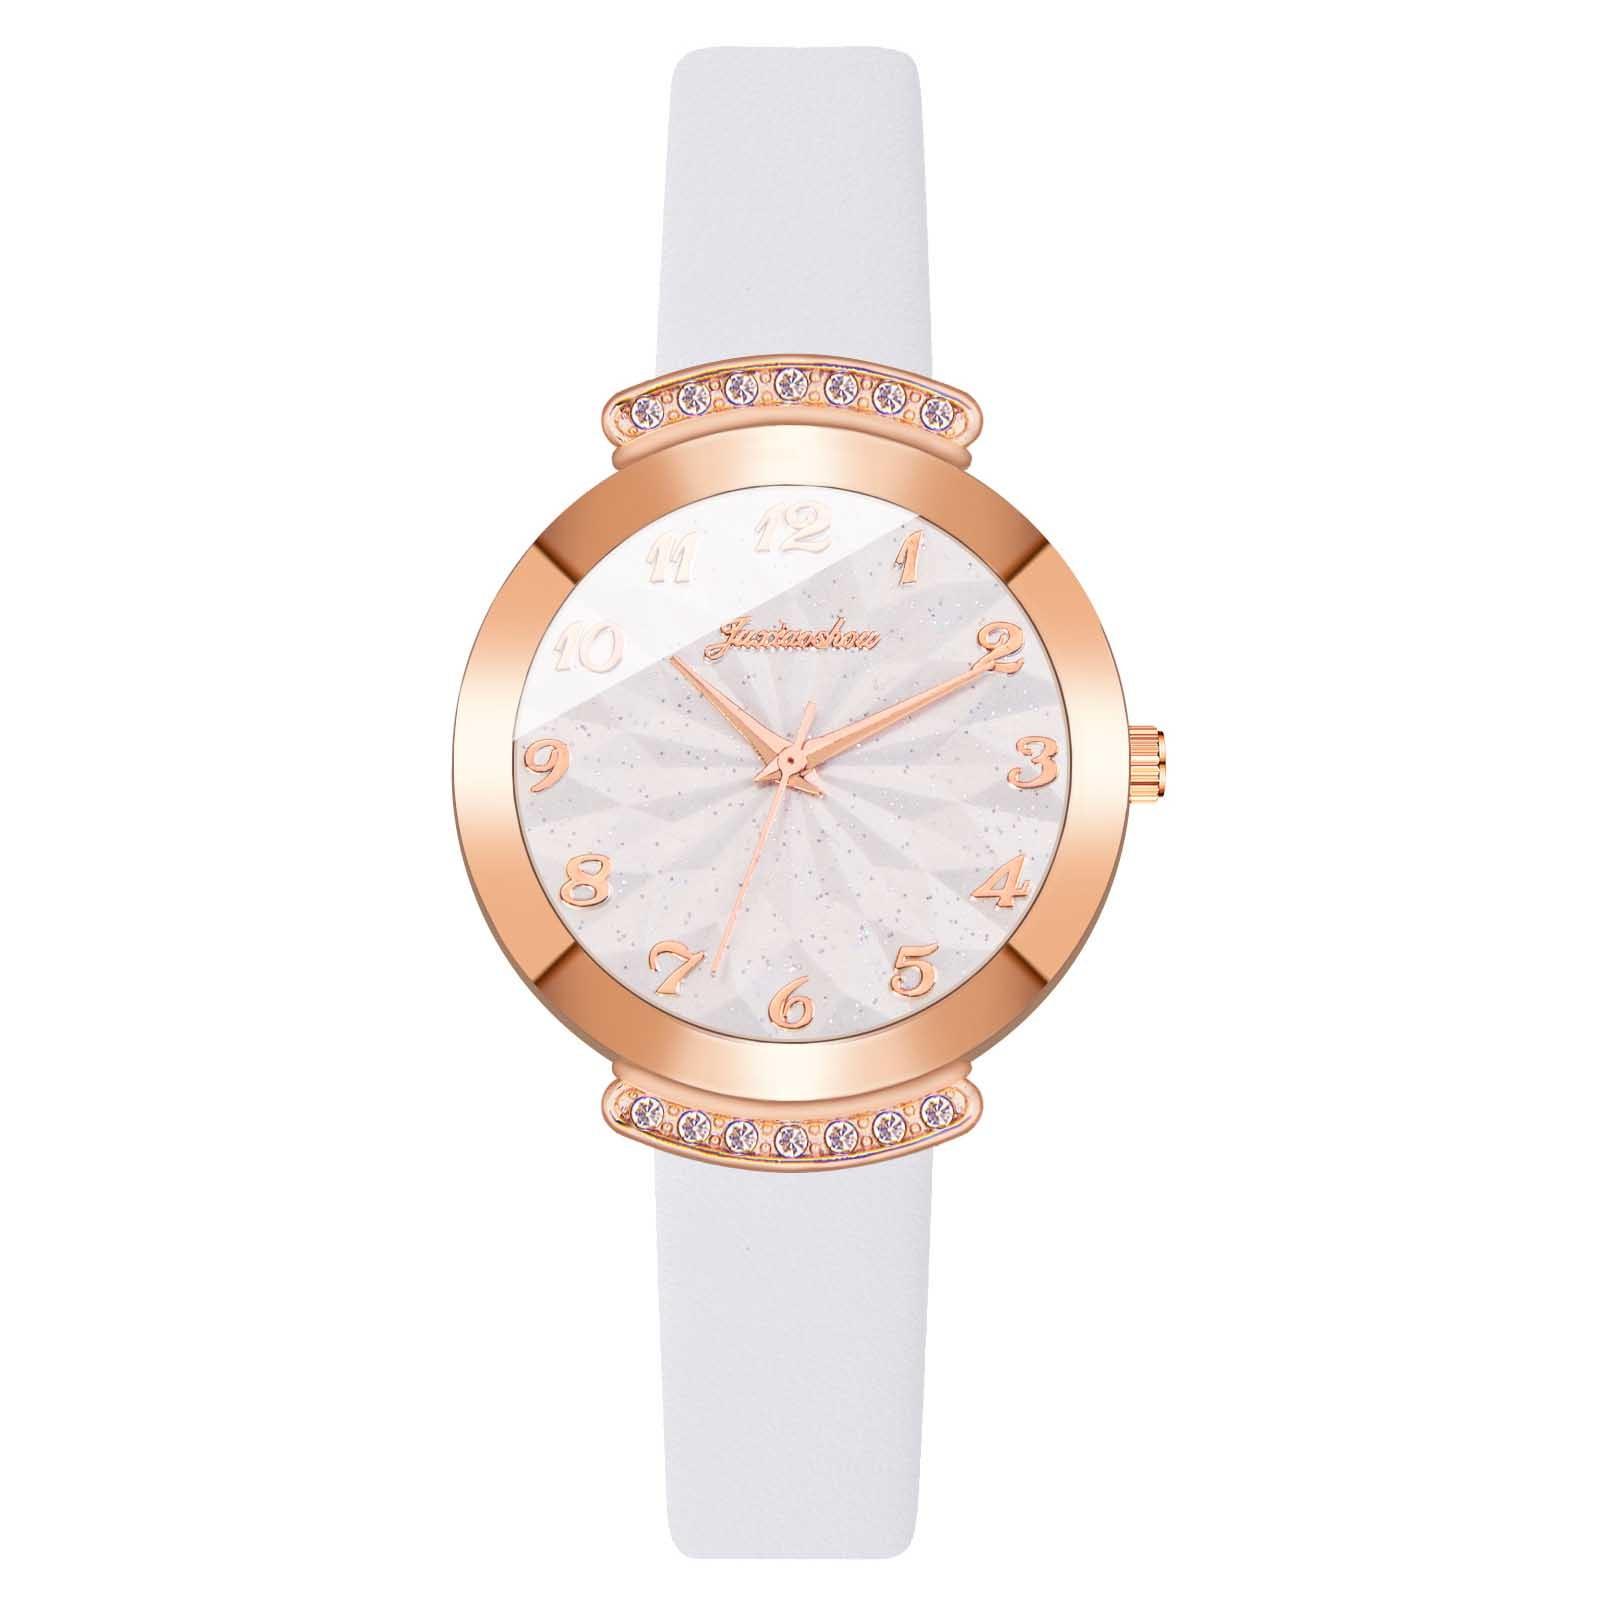 Простые белые кварцевые часы, повседневные кварцевые изысканные женские часы с кожаным ремешком, модные водонепроницаемые женские часы, ча...